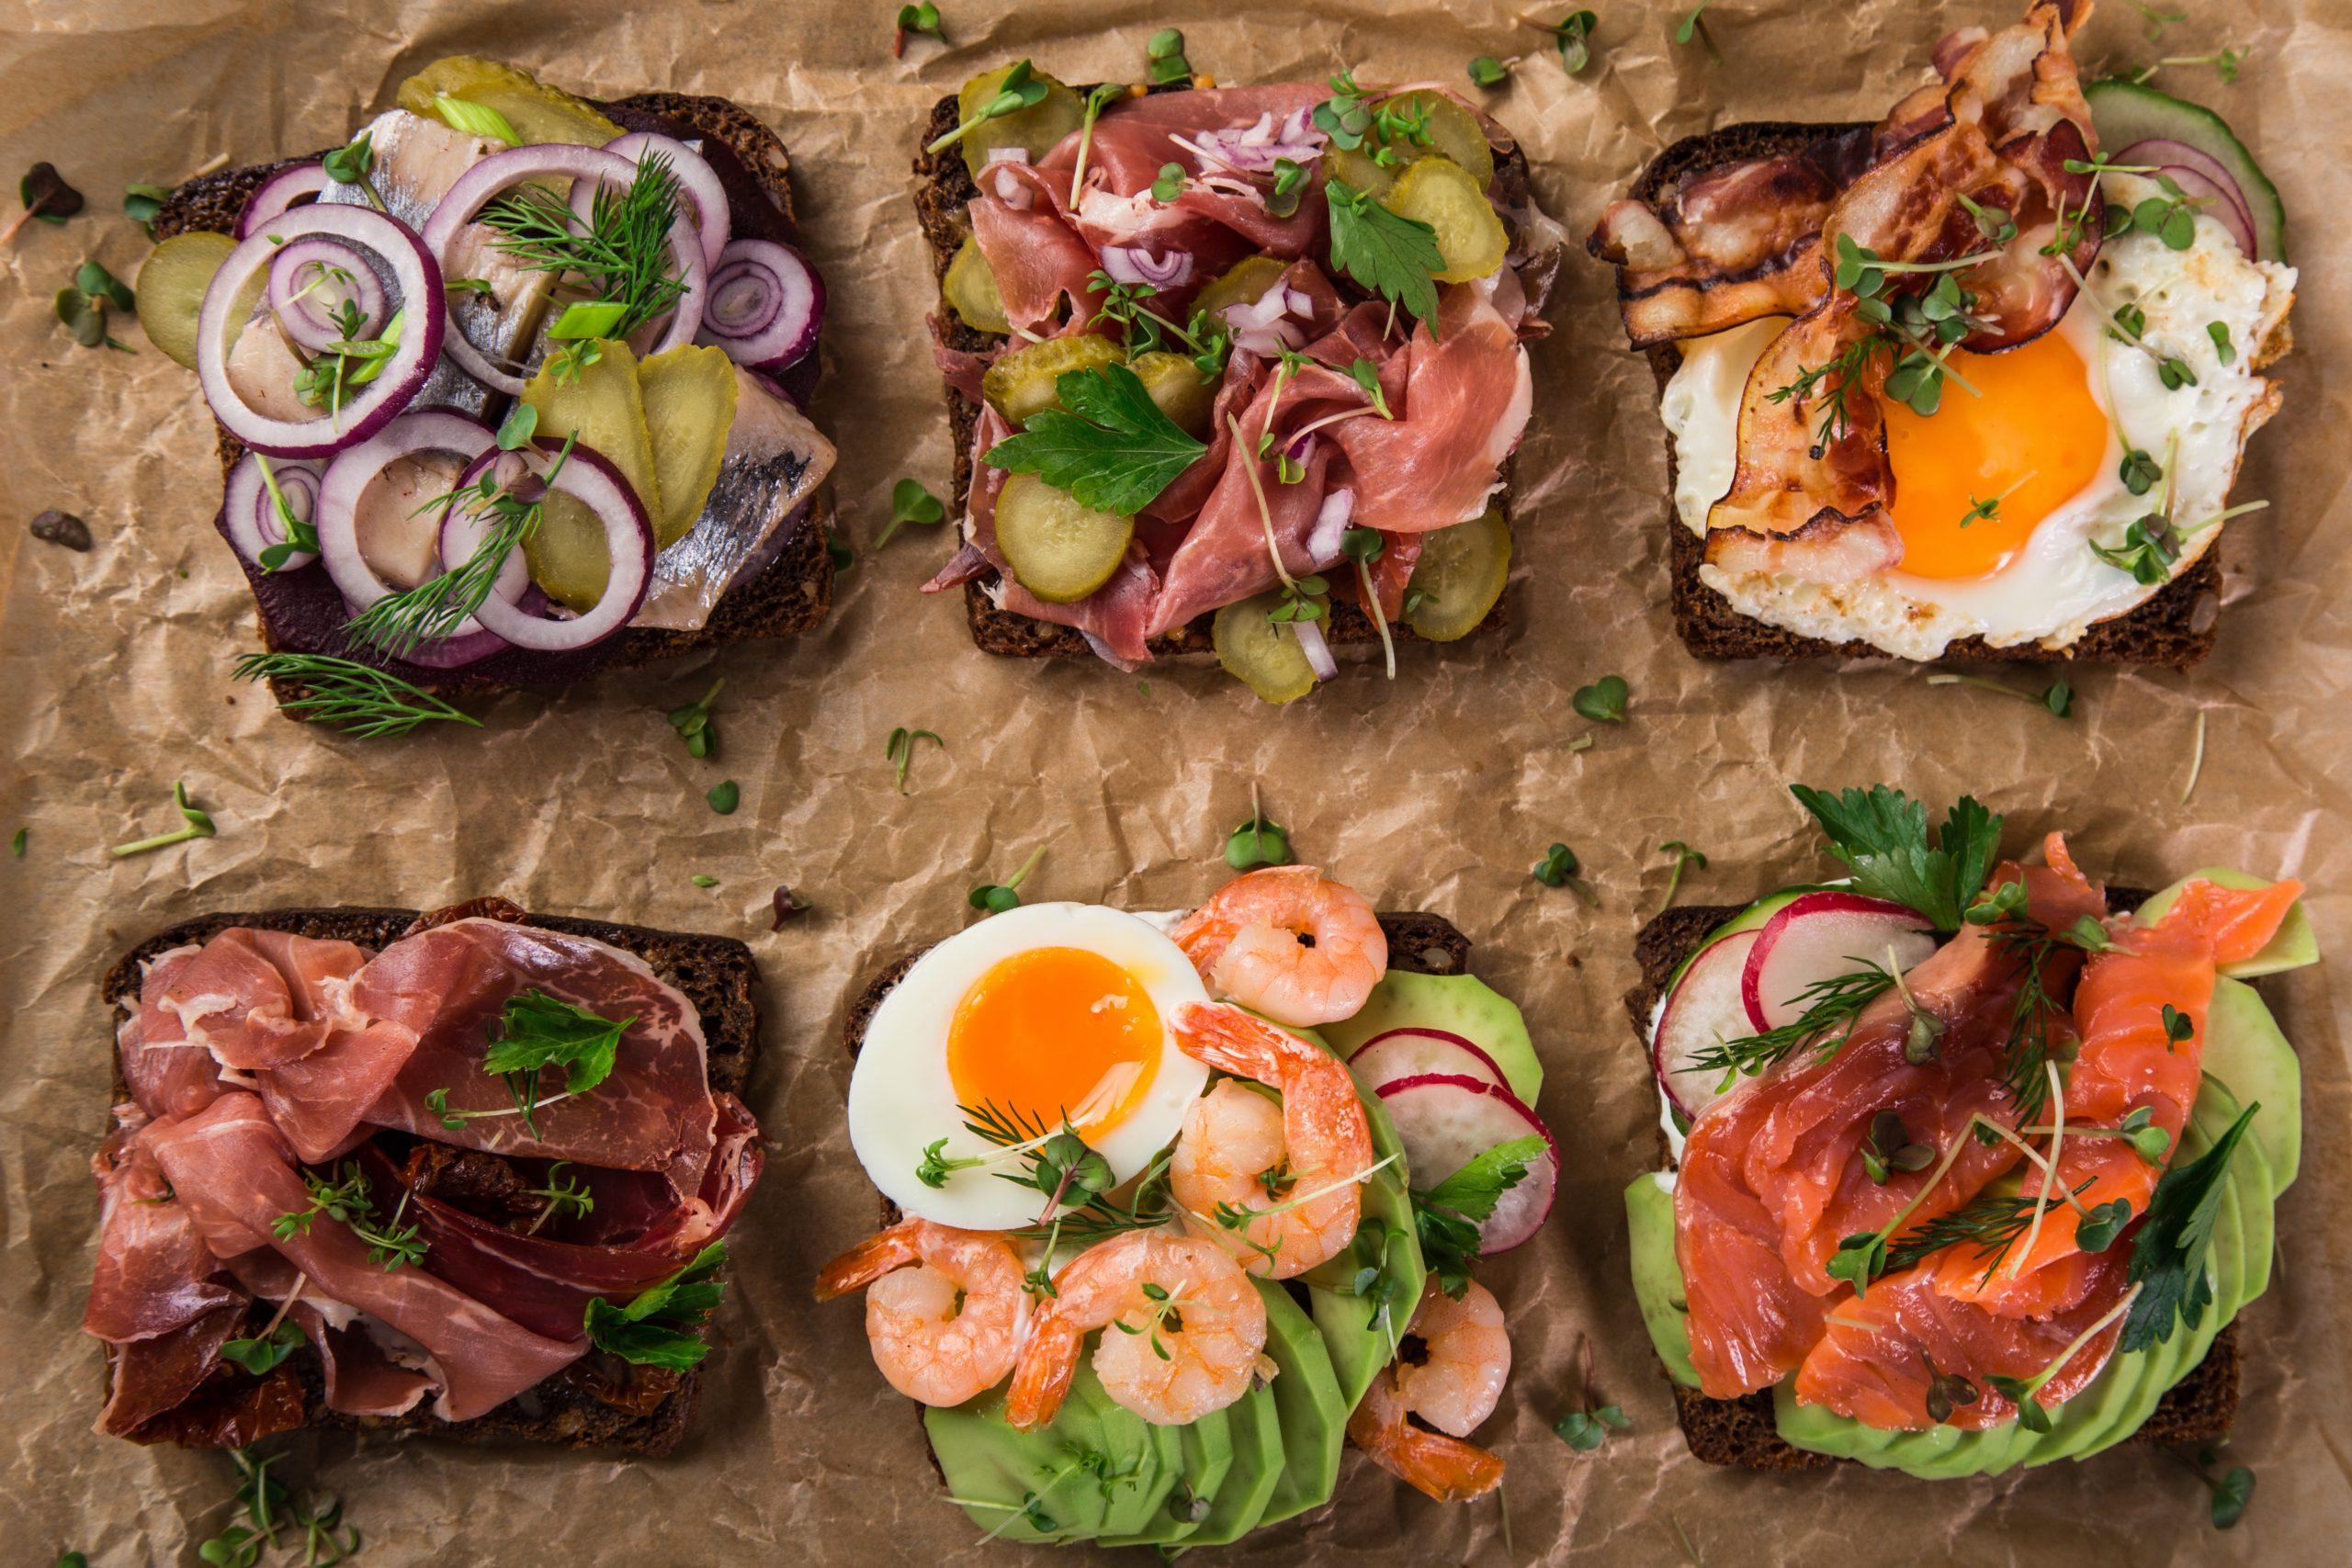 Spécialités culinaires danoises les smorrebrod